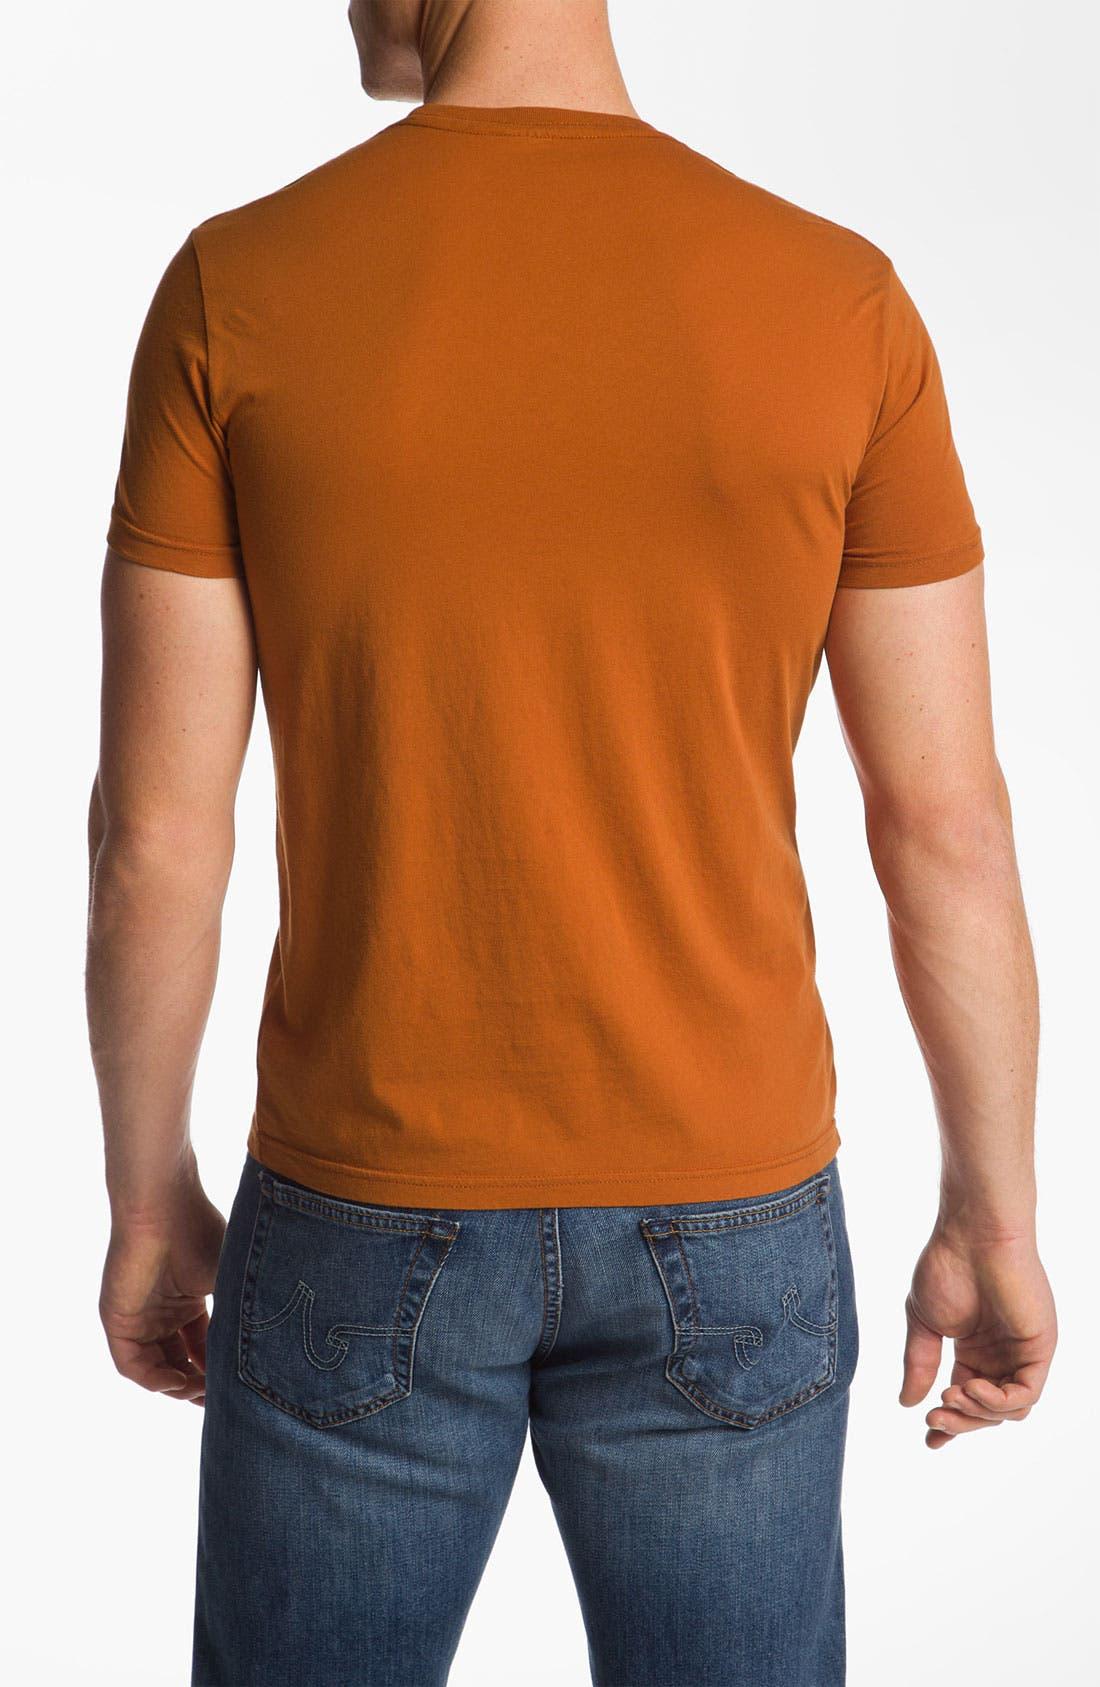 Alternate Image 2  - The Original Retro Brand 'Texas Longhorns' T-Shirt